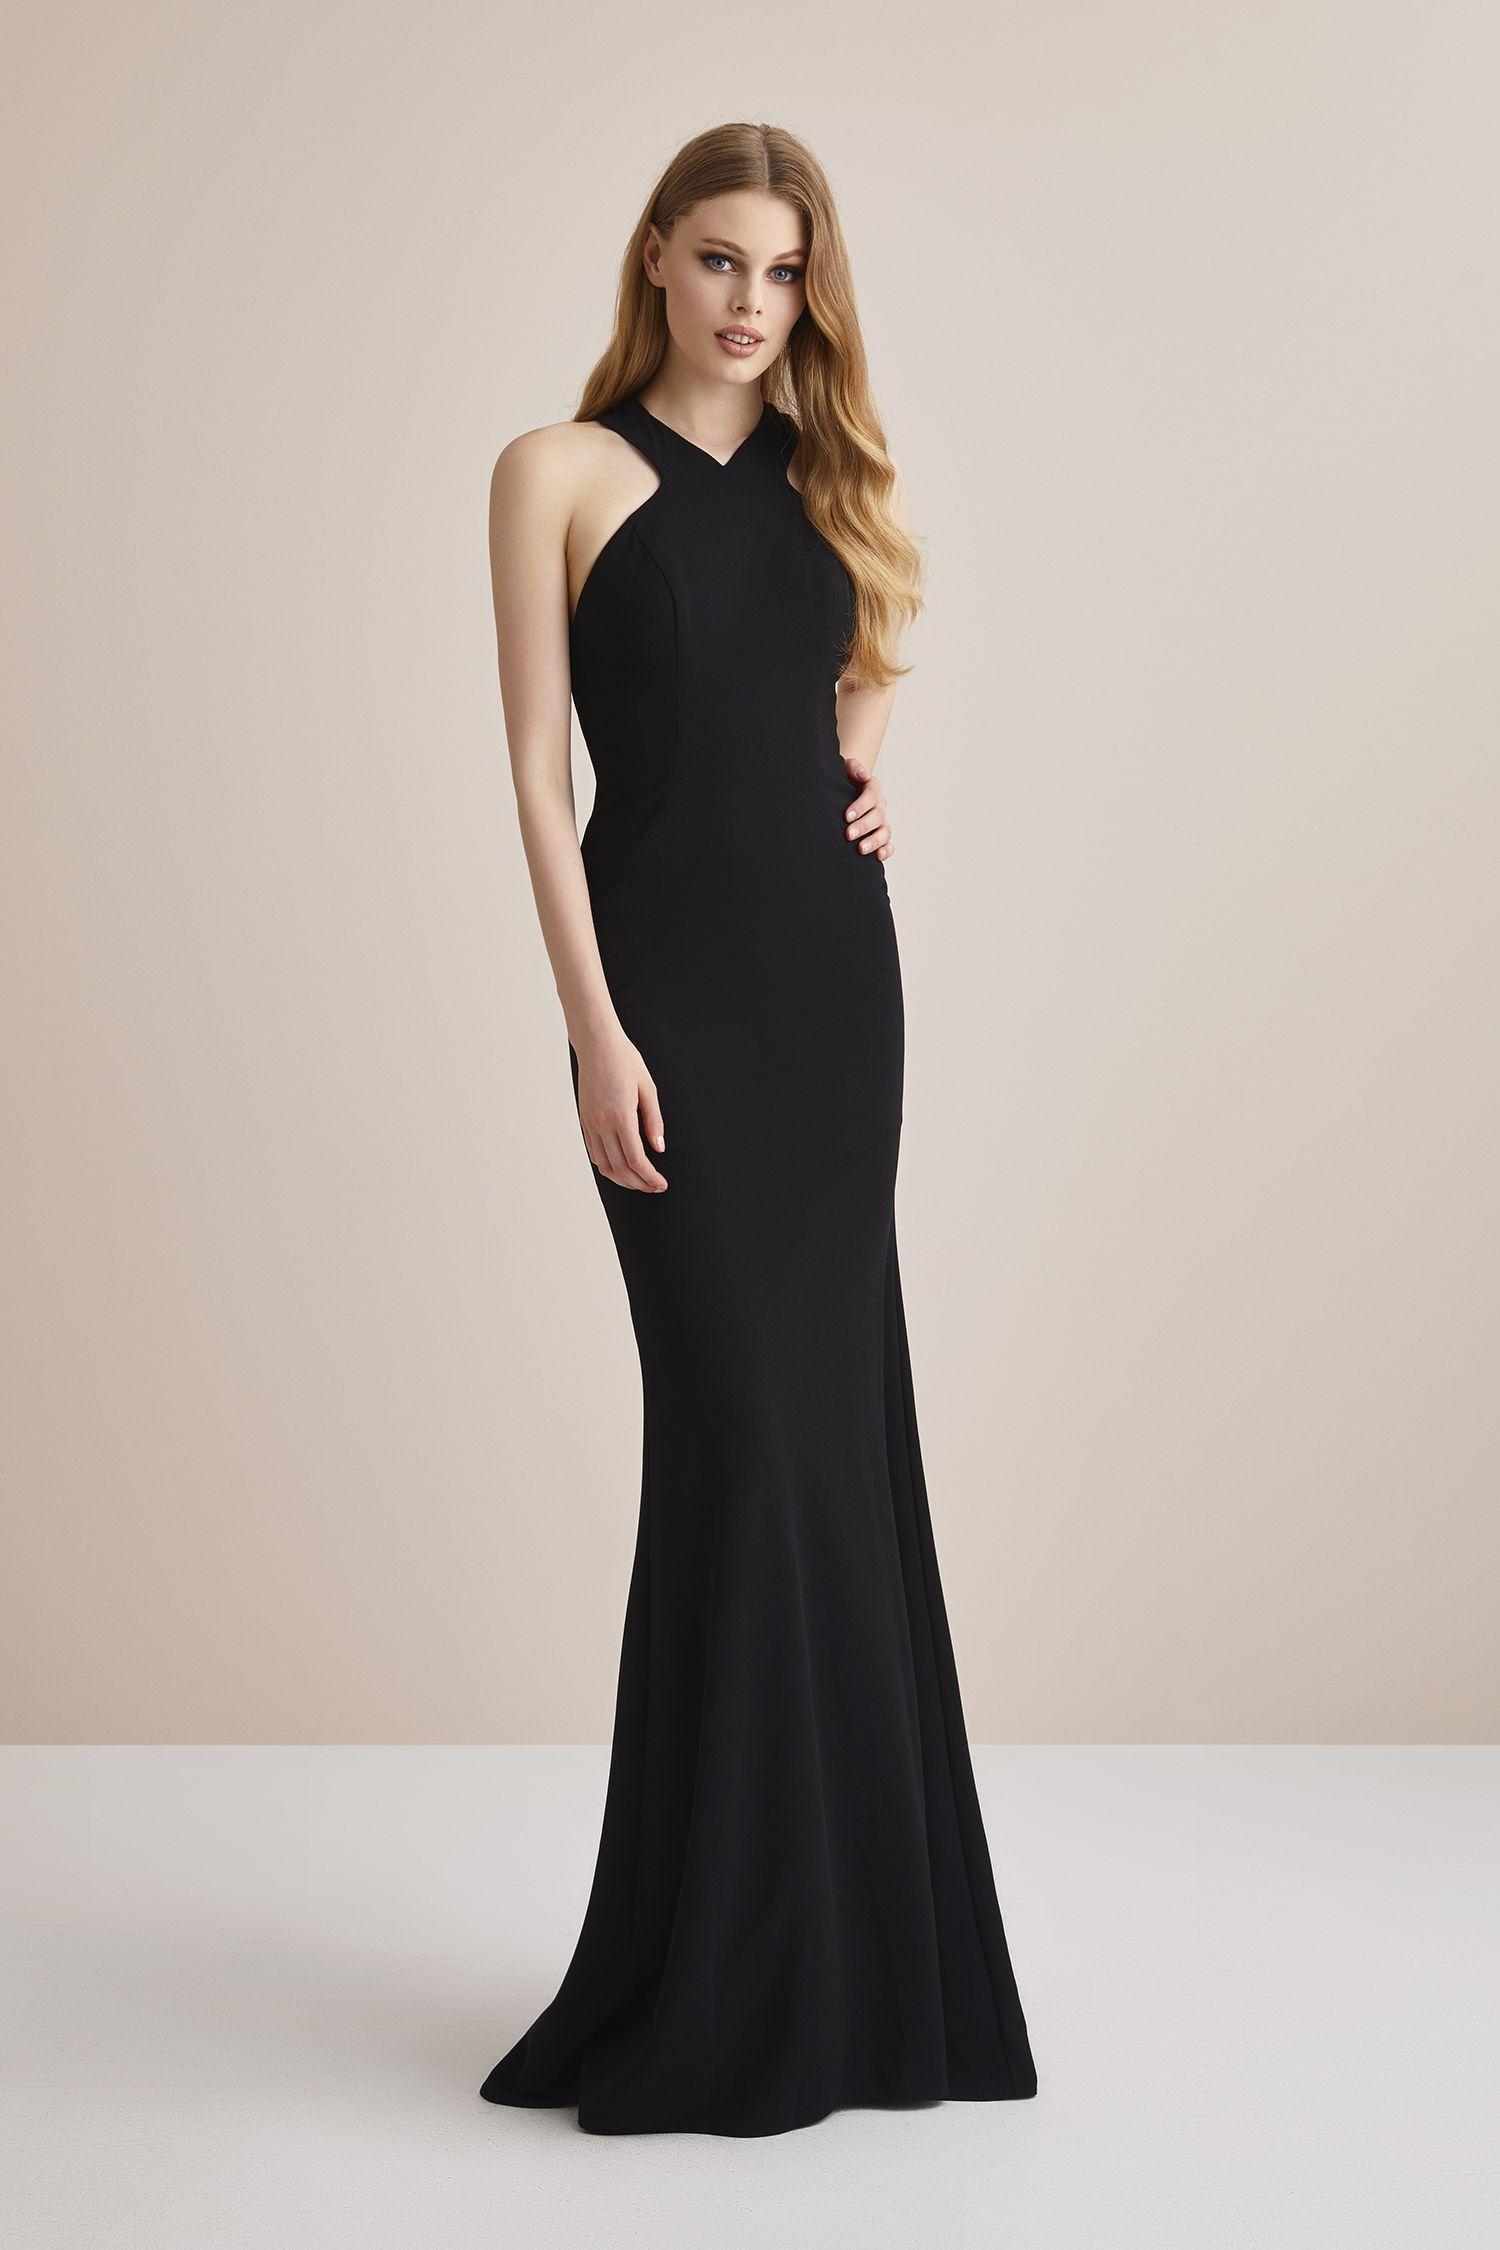 487e4874e5fab Siyah Boyundan Bağlı Krep Uzun Abiye Elbise. Düğün gününde gelinin en yakın  arkadaşı Nedimeler şıklığını